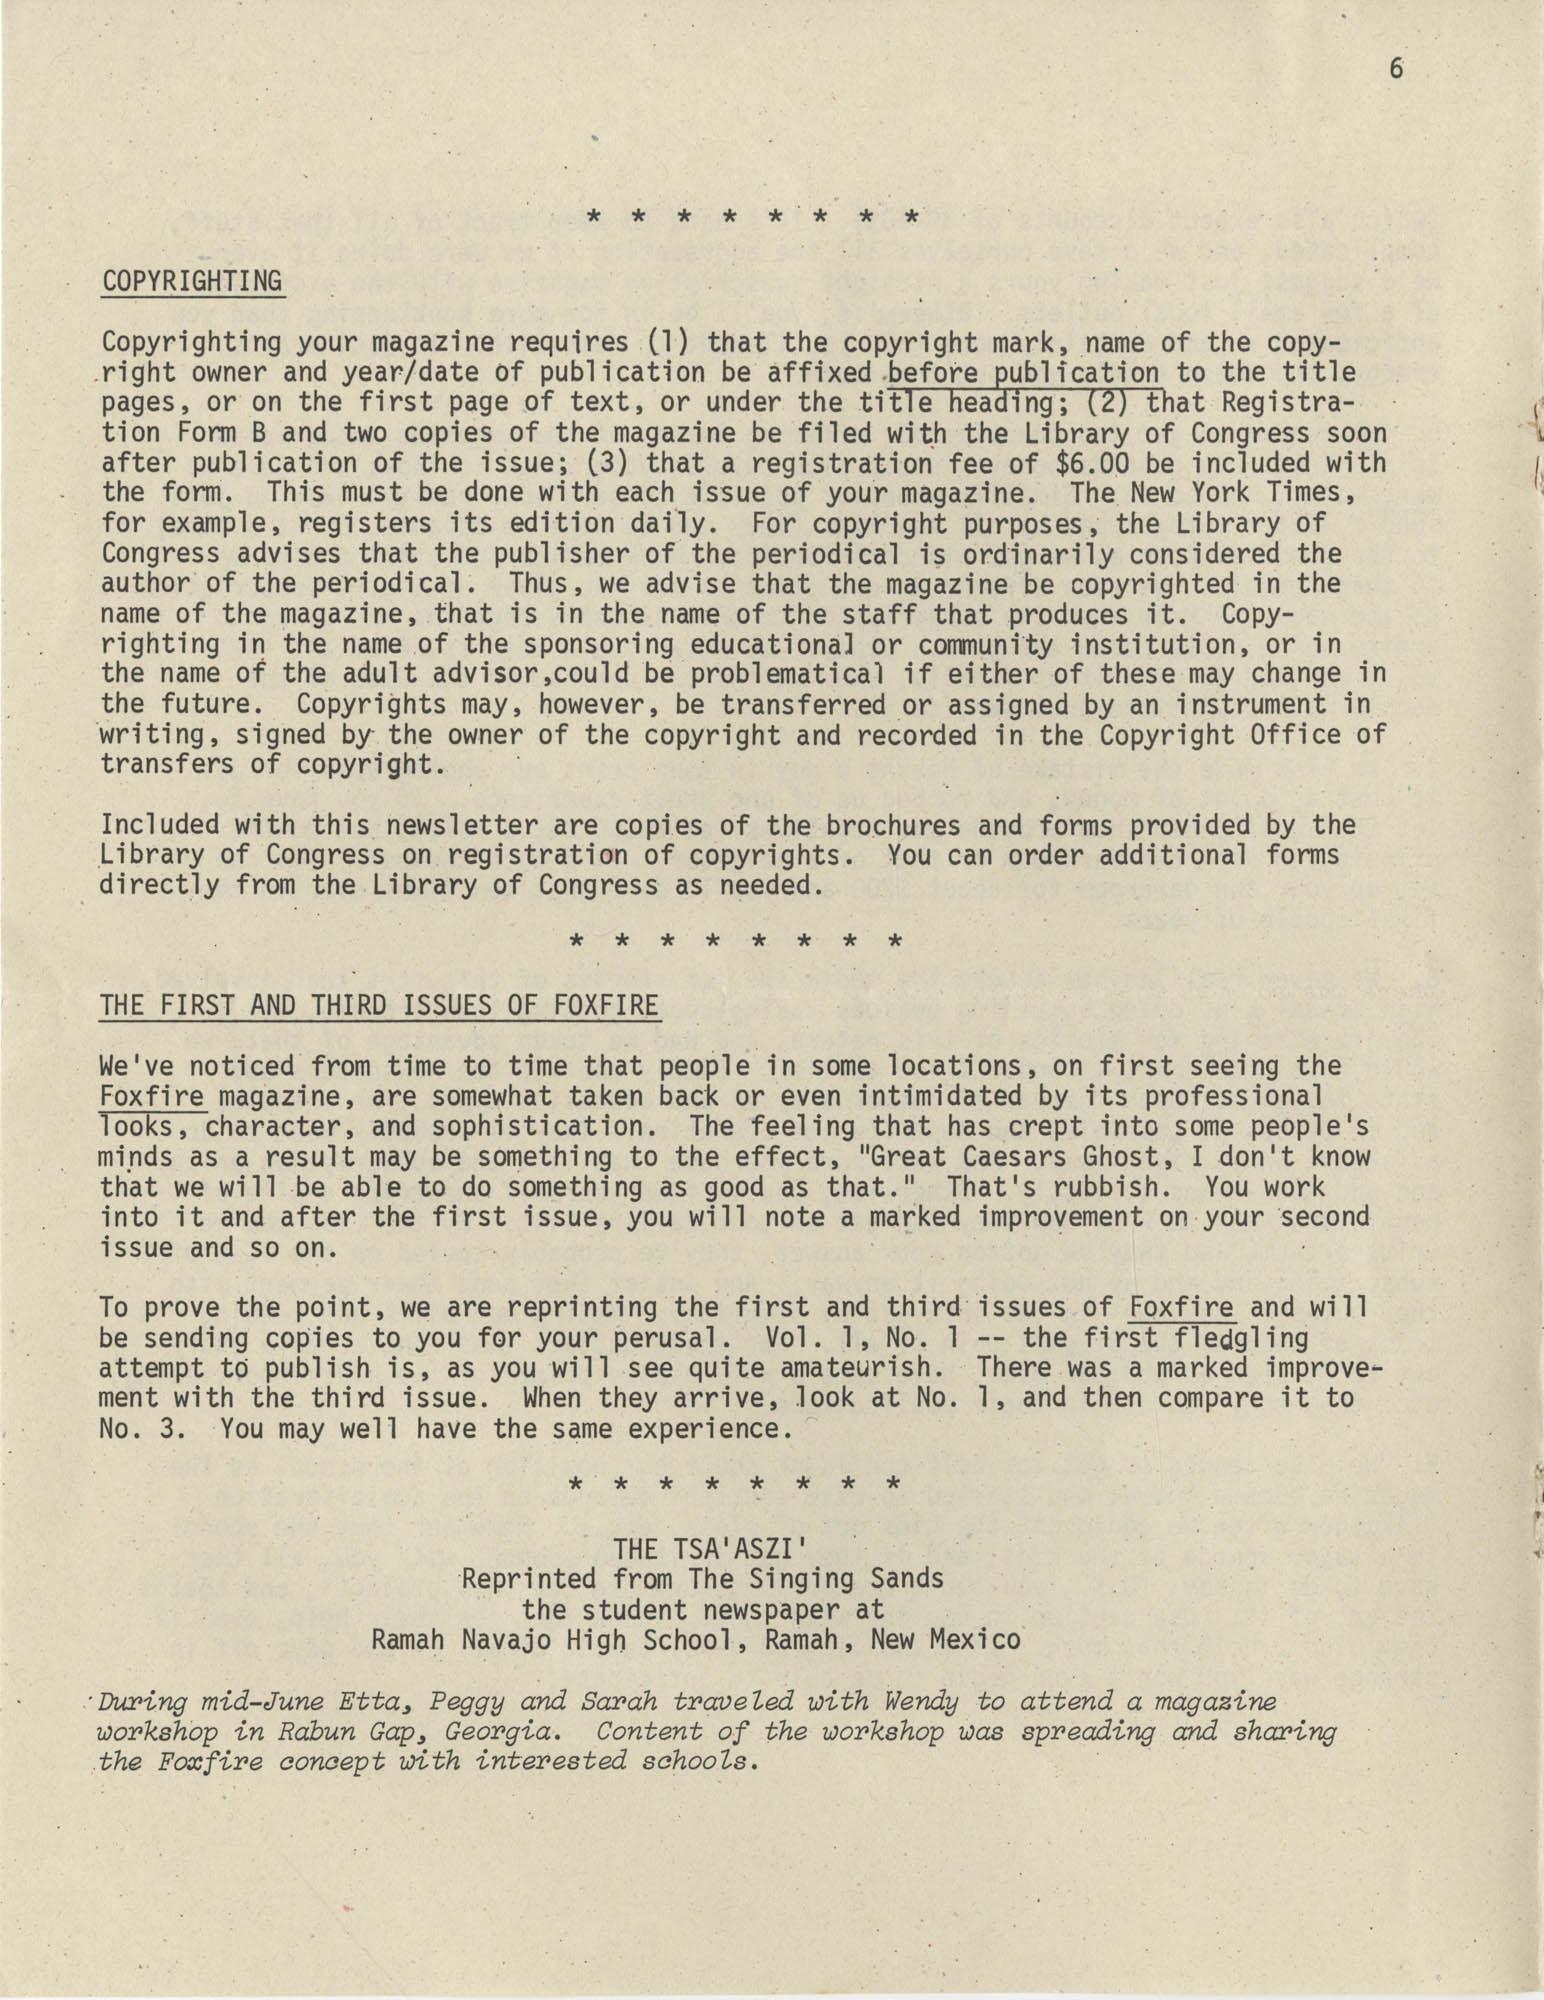 Exchange, Vol. 1, No. 1, Page 6